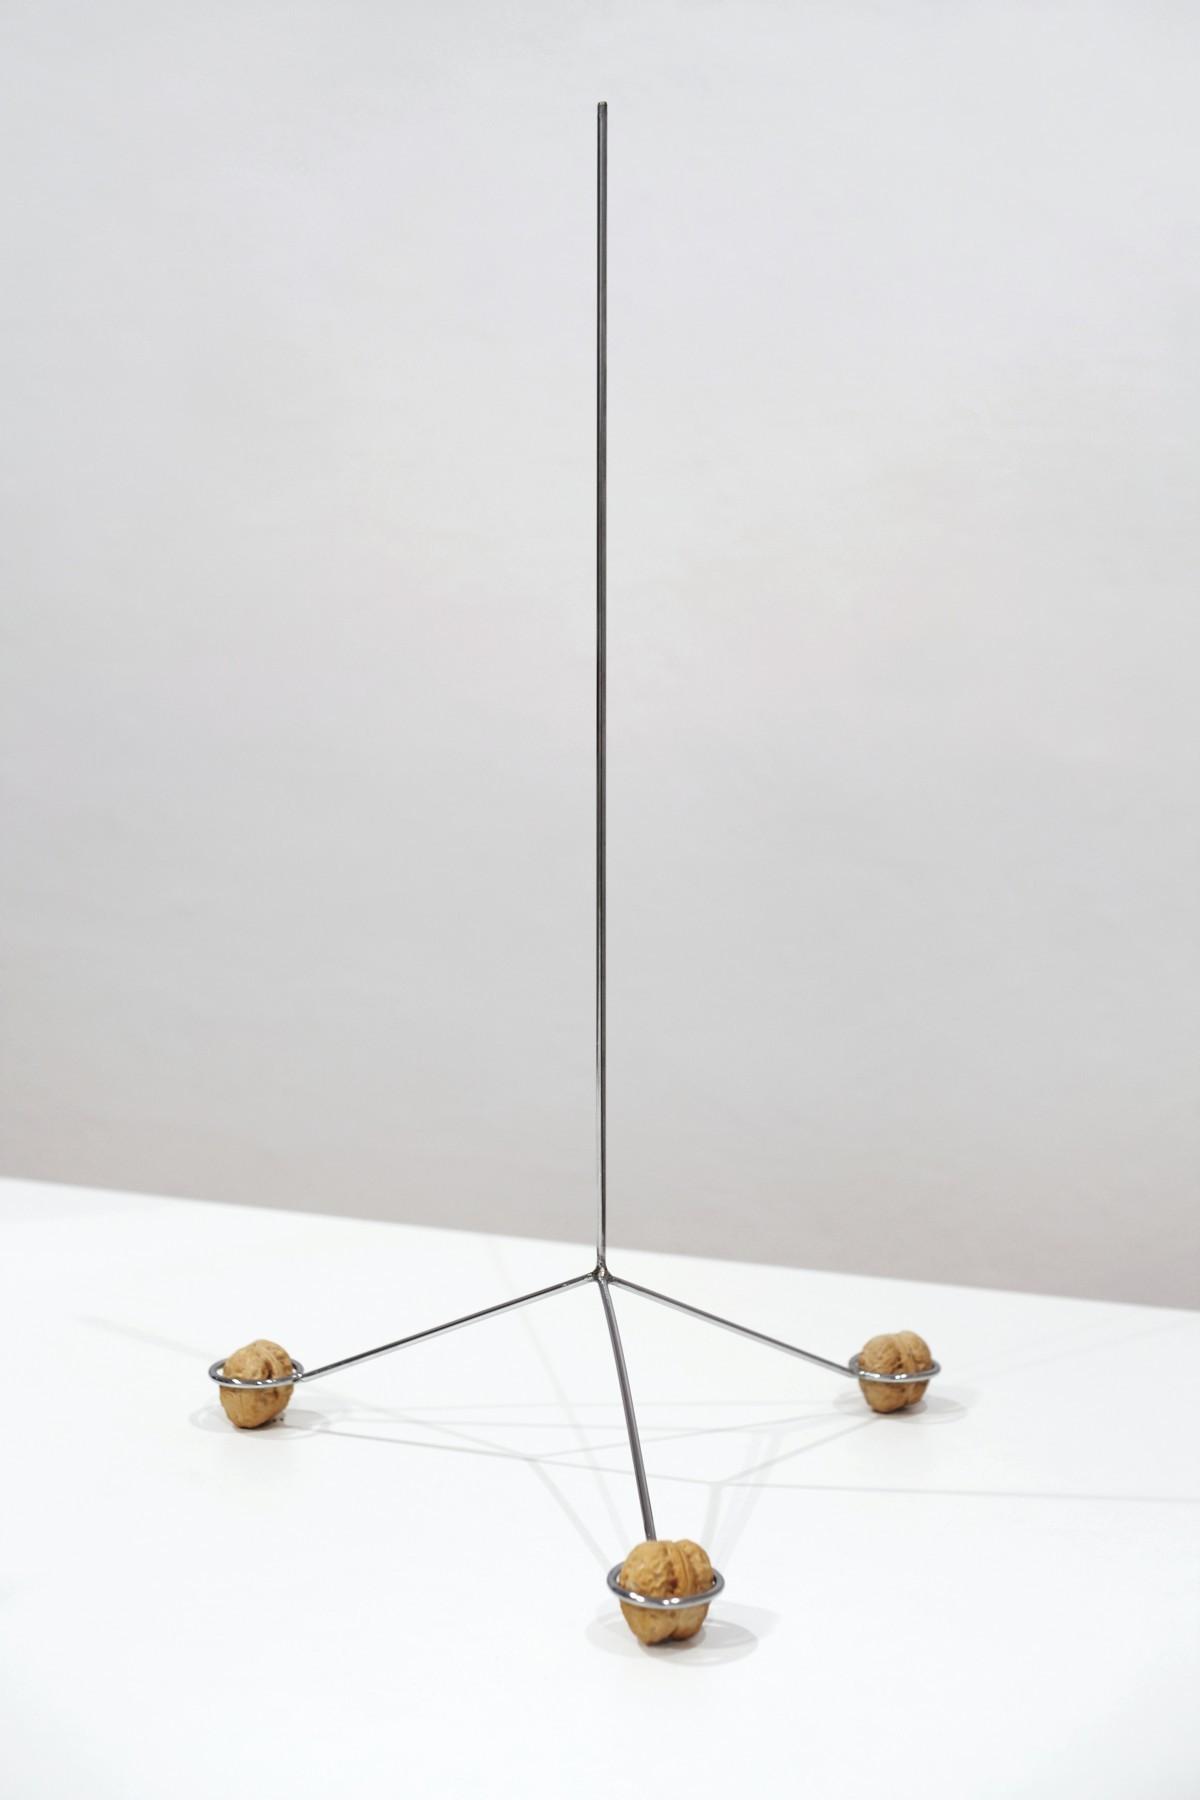 Krystian Truth Czaplicki, Antena, 2013, Stal chromowana, orzechy włoskie